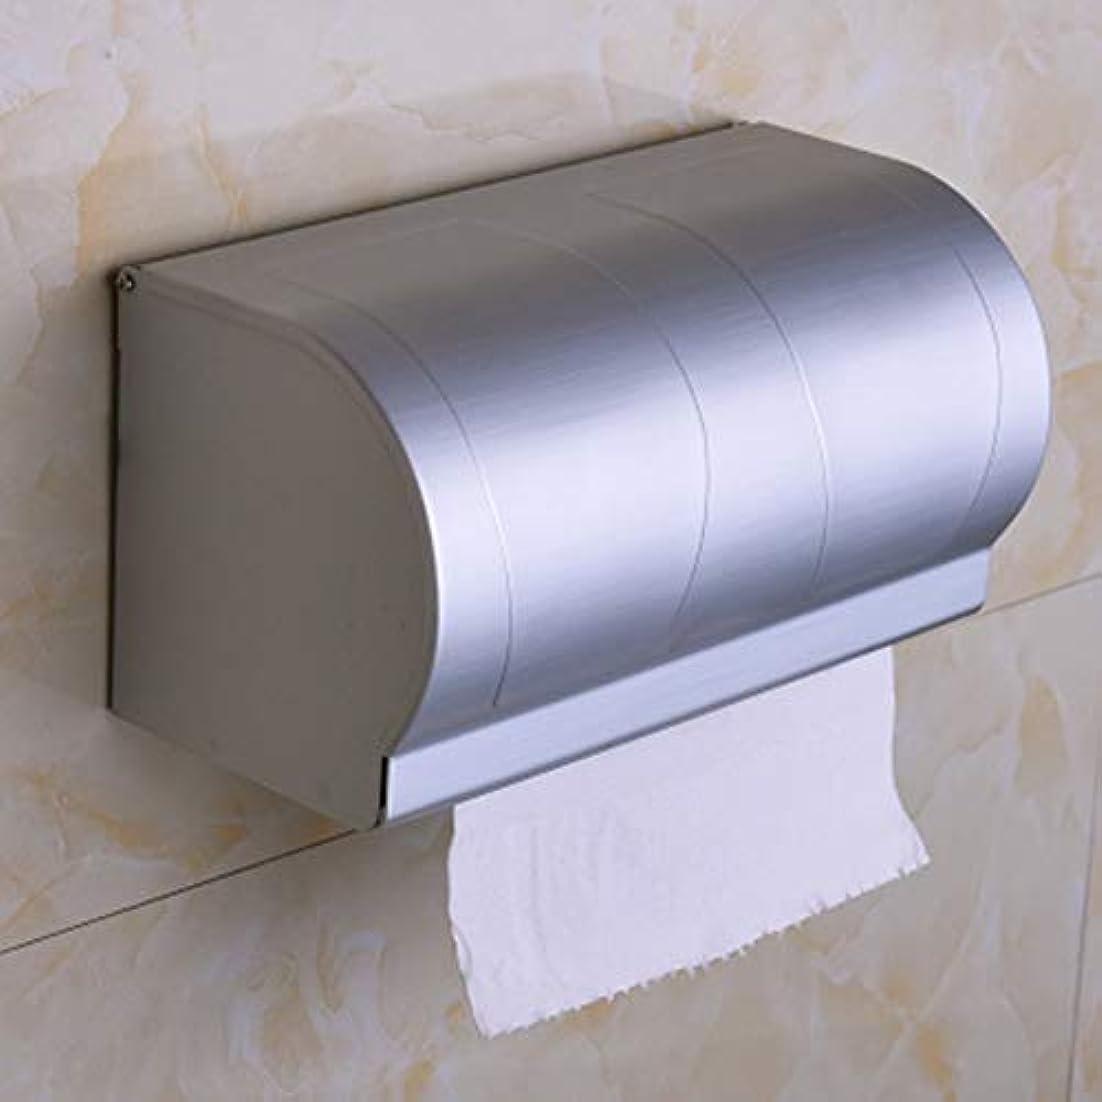 も典型的なイルZZLX 紙タオルホルダー、宇宙アルミのバスルームペーパータオルホルダー閉鎖トイレットペーパーホルダー ロングハンドル風呂ブラシ (色 : C)